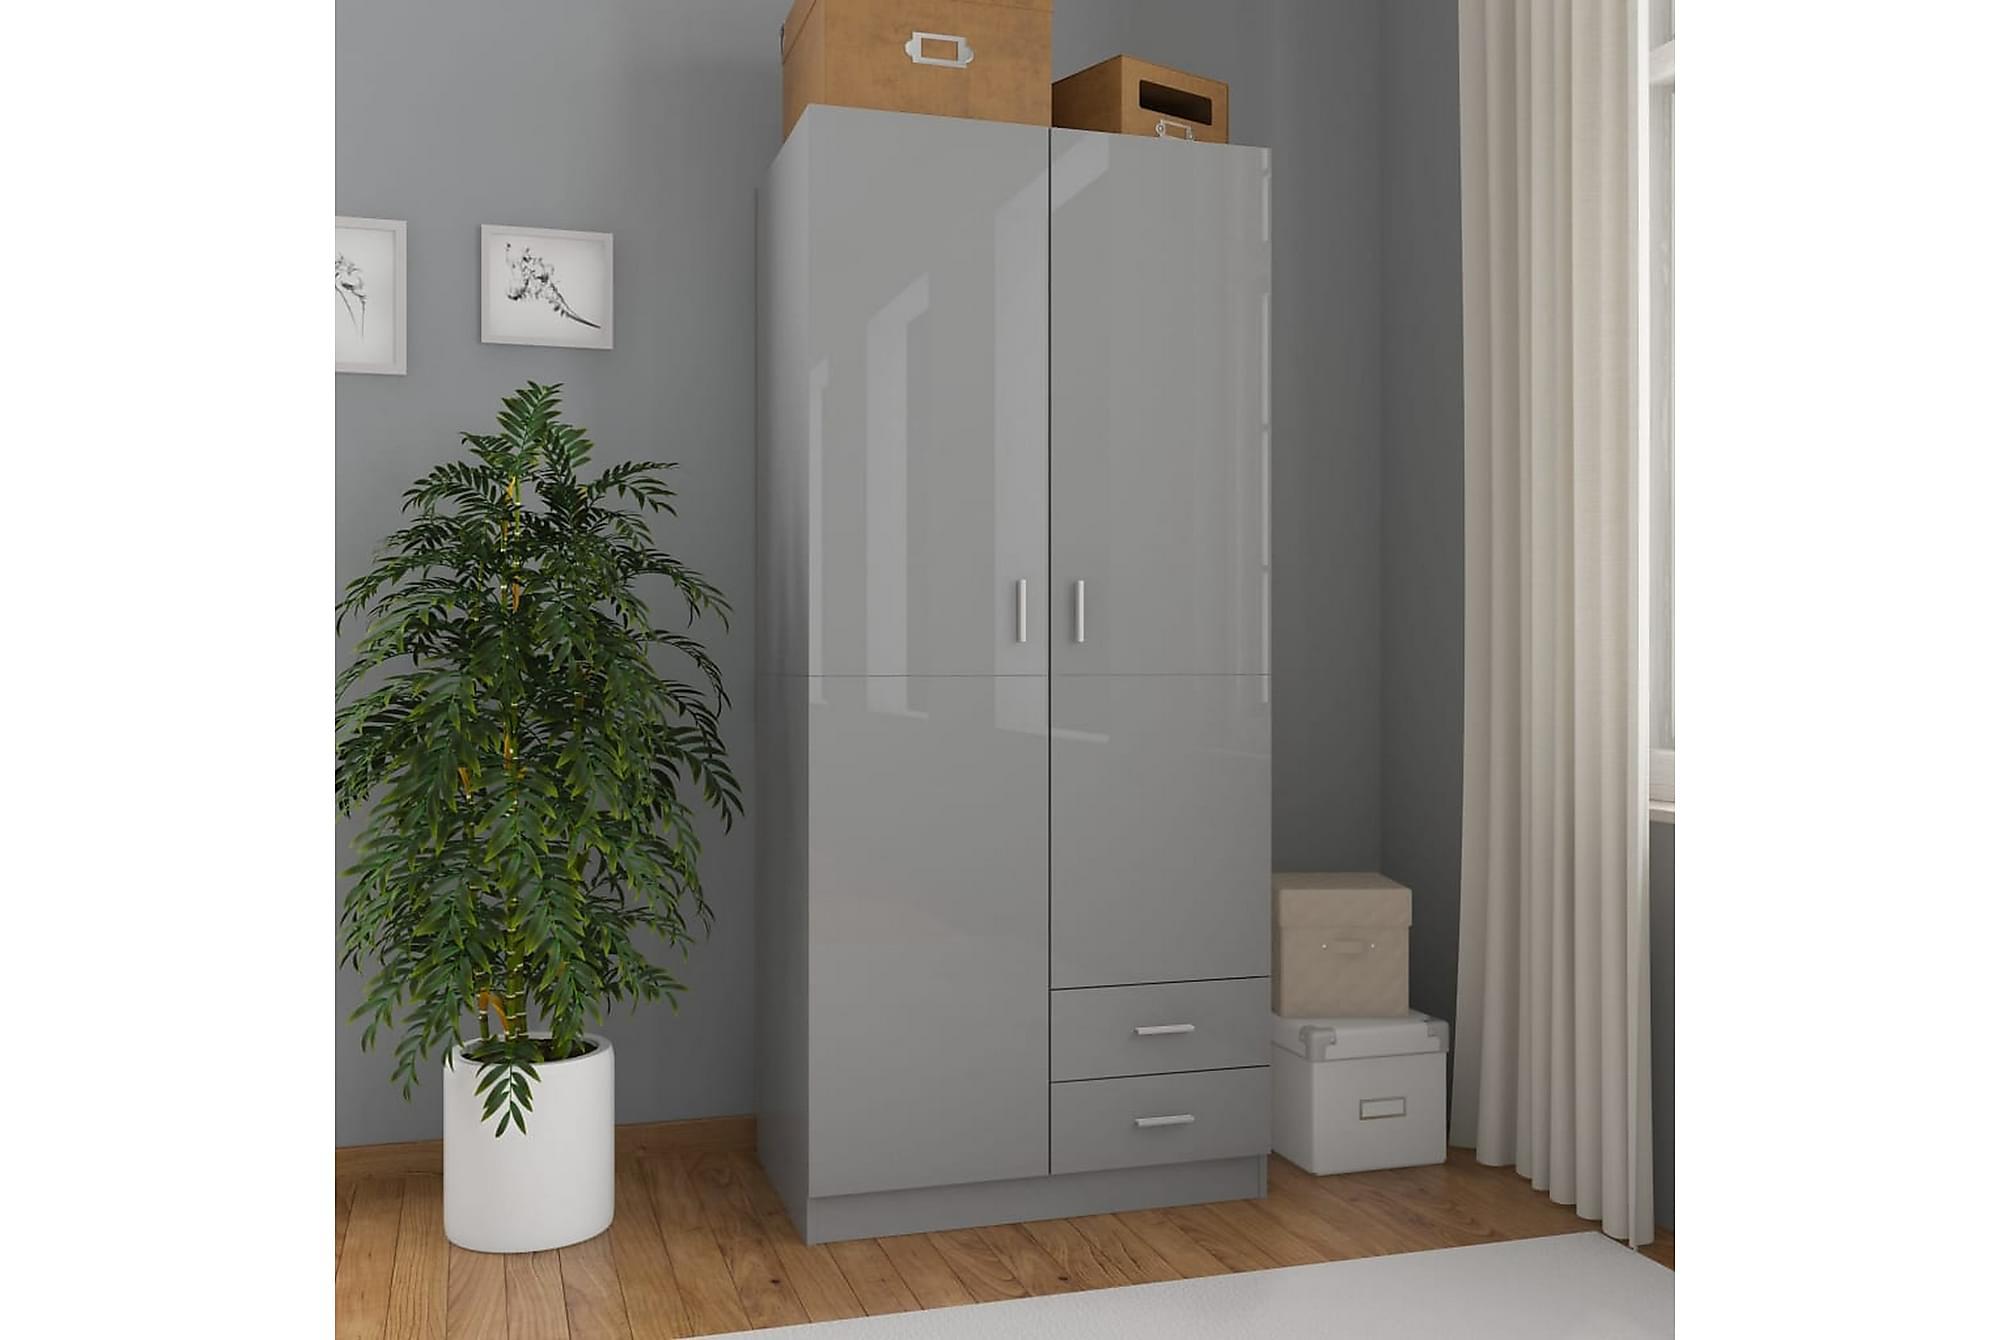 Garderob grå högglans 80x52x180 cm spånskiva